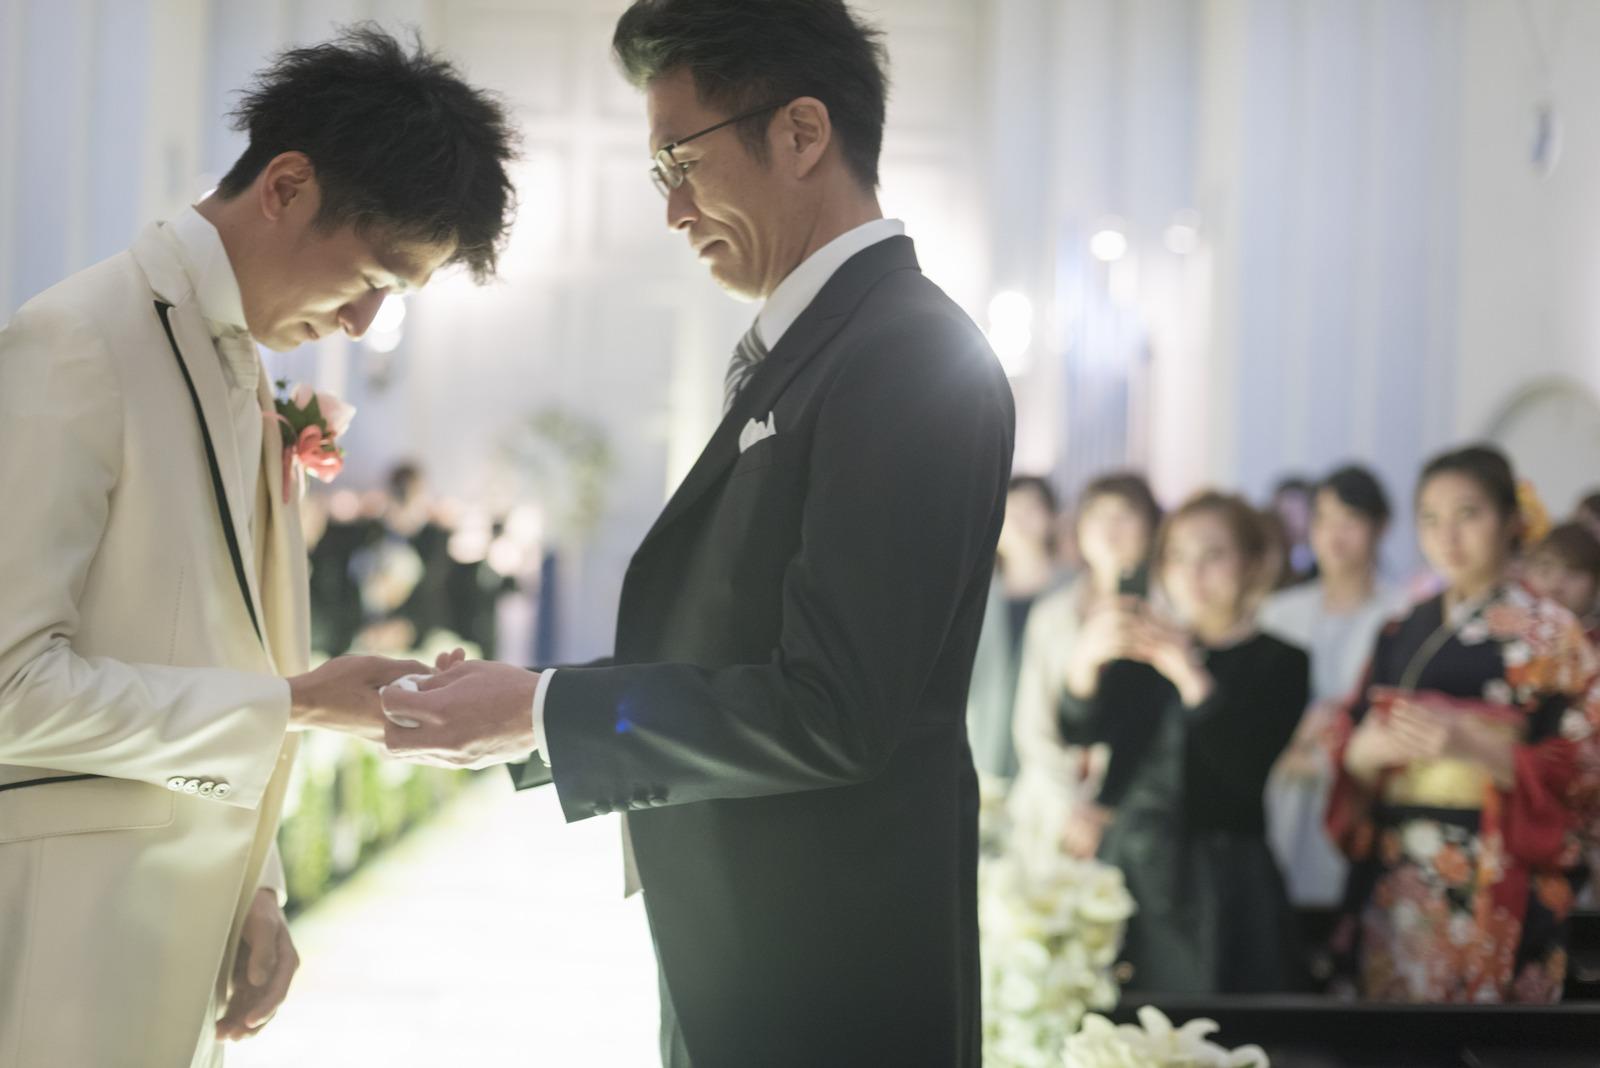 香川の結婚式場シェルエメール&アイスタイル 挙式